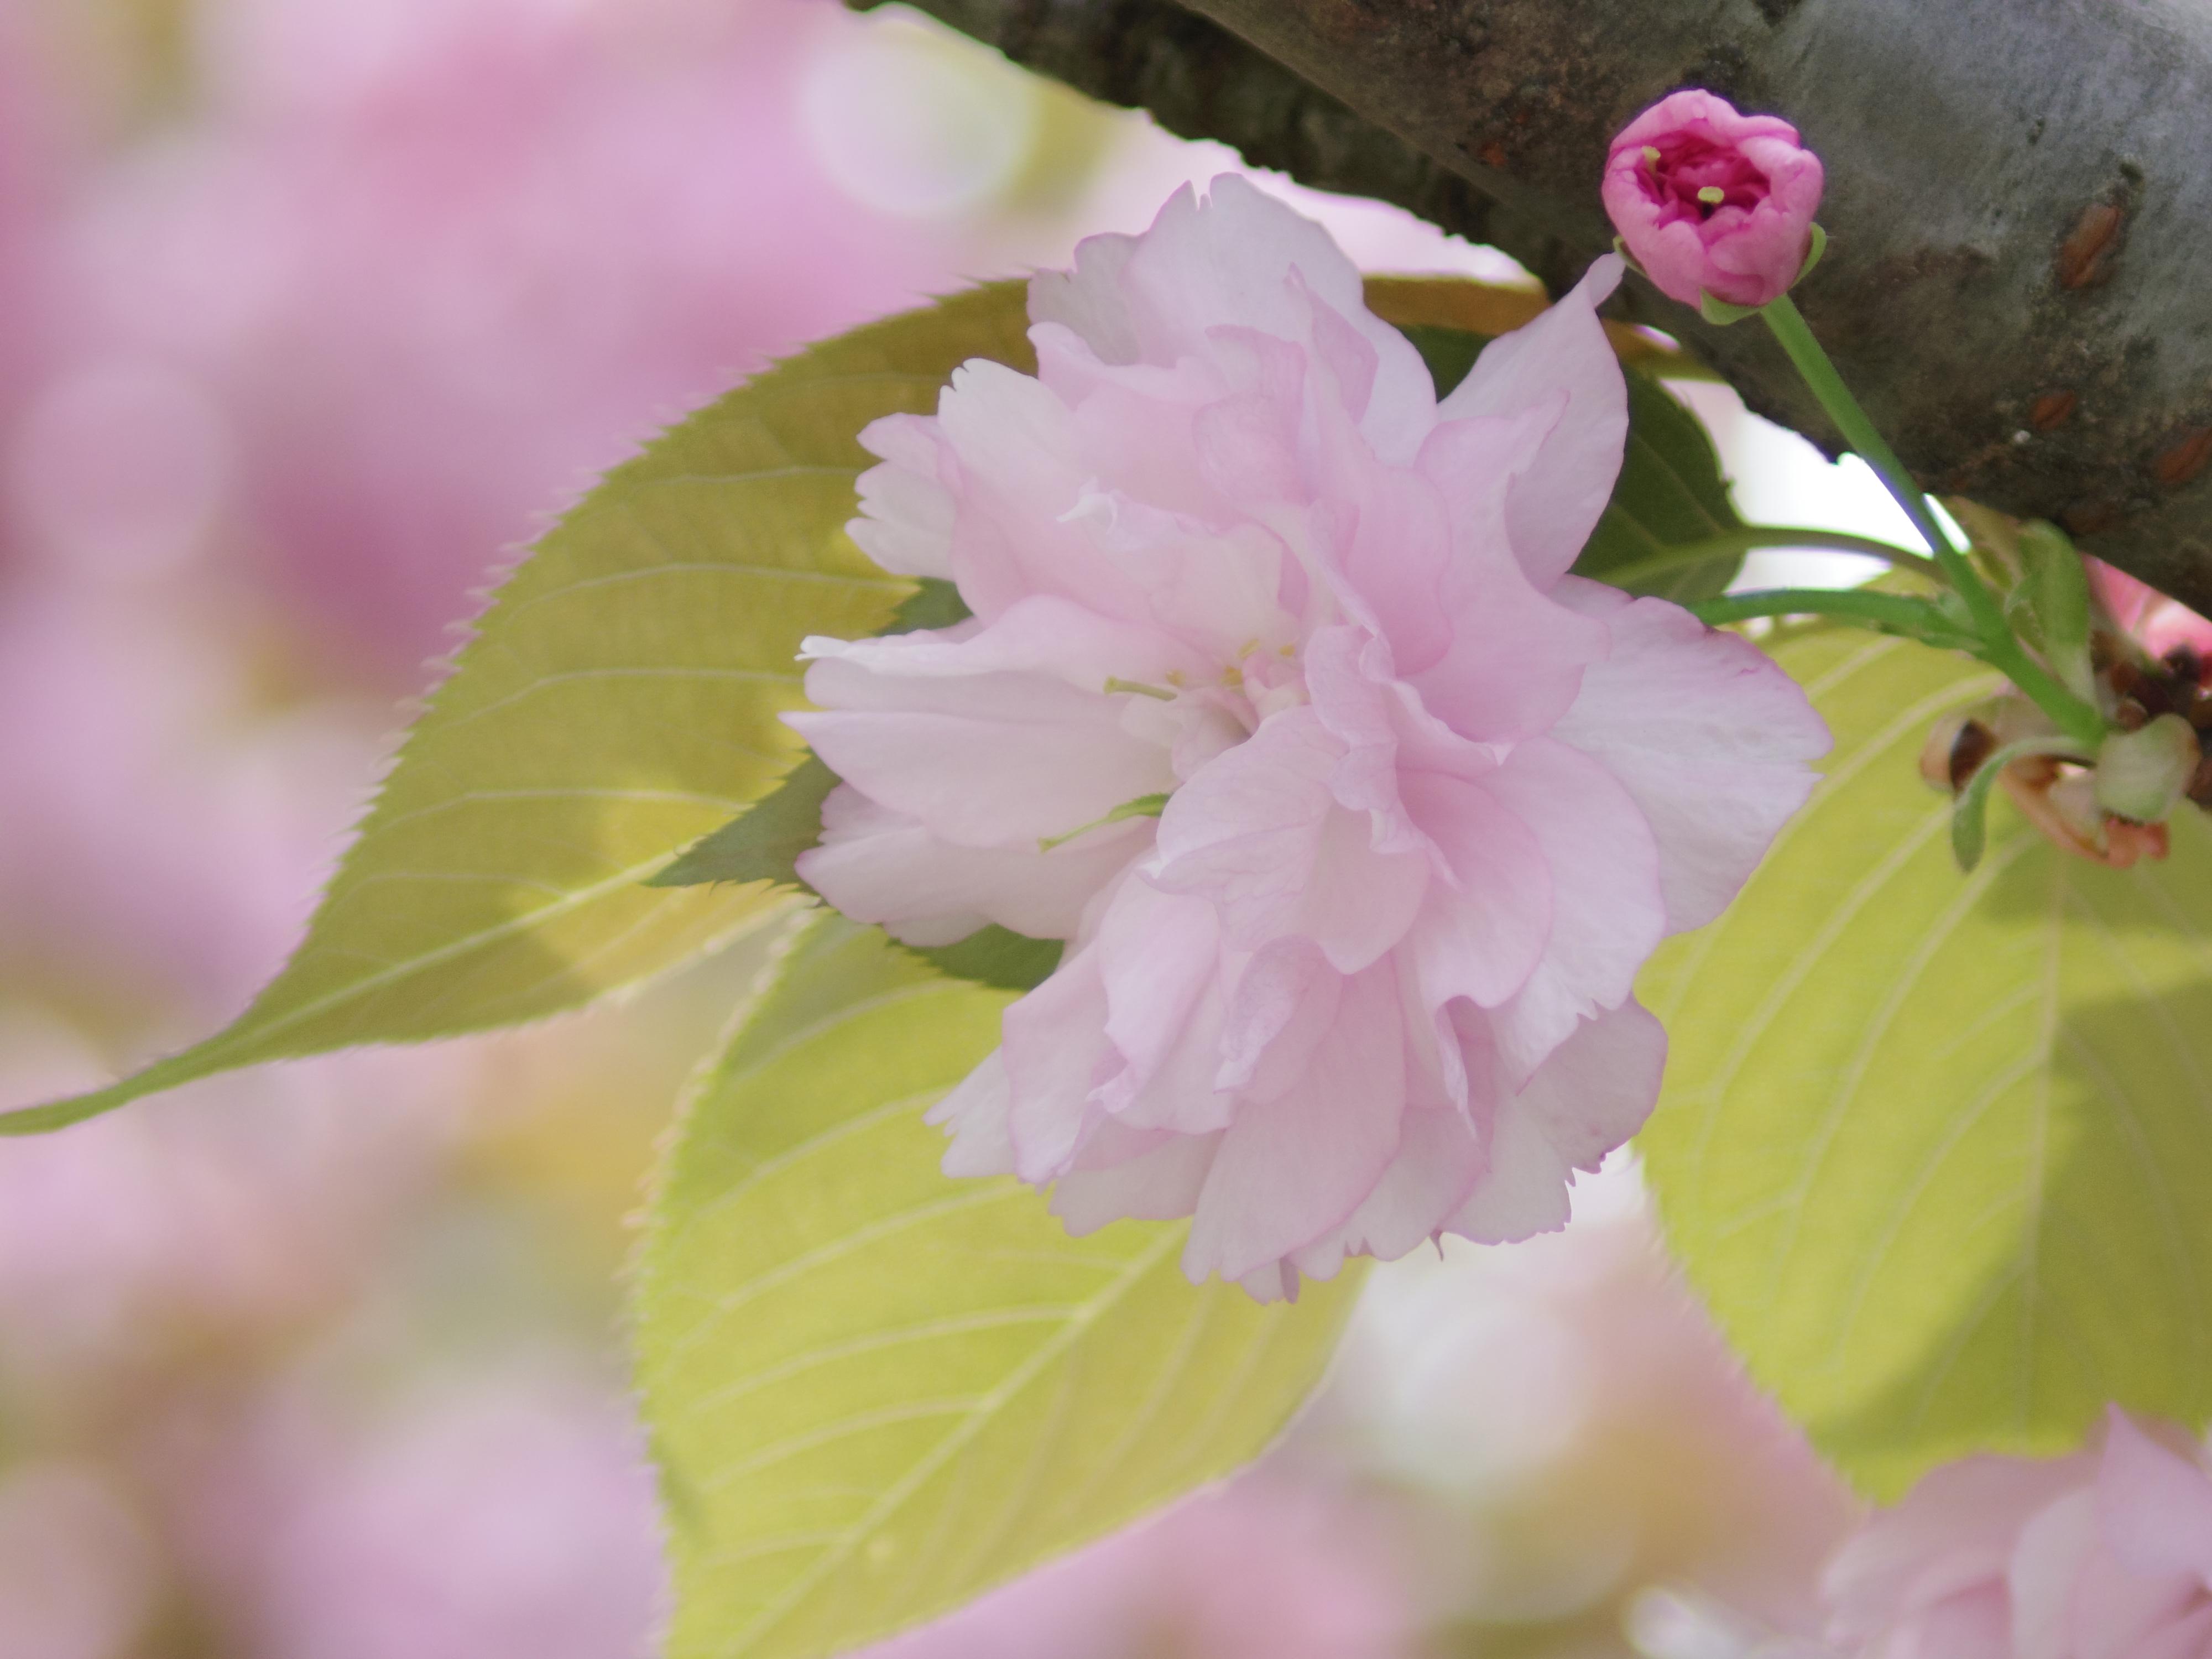 背景の桜が光を受けて丸ボケを作り出してくれました。PENTAX Q10 / DA 50-200mm F4-5.6 ED WR / 約2.2MB / 4,000×3,000 / 1/200秒 / 絞り目盛り:0 / +1EV / ISO200 / 絞り優先AE / WB:オート / 200mm